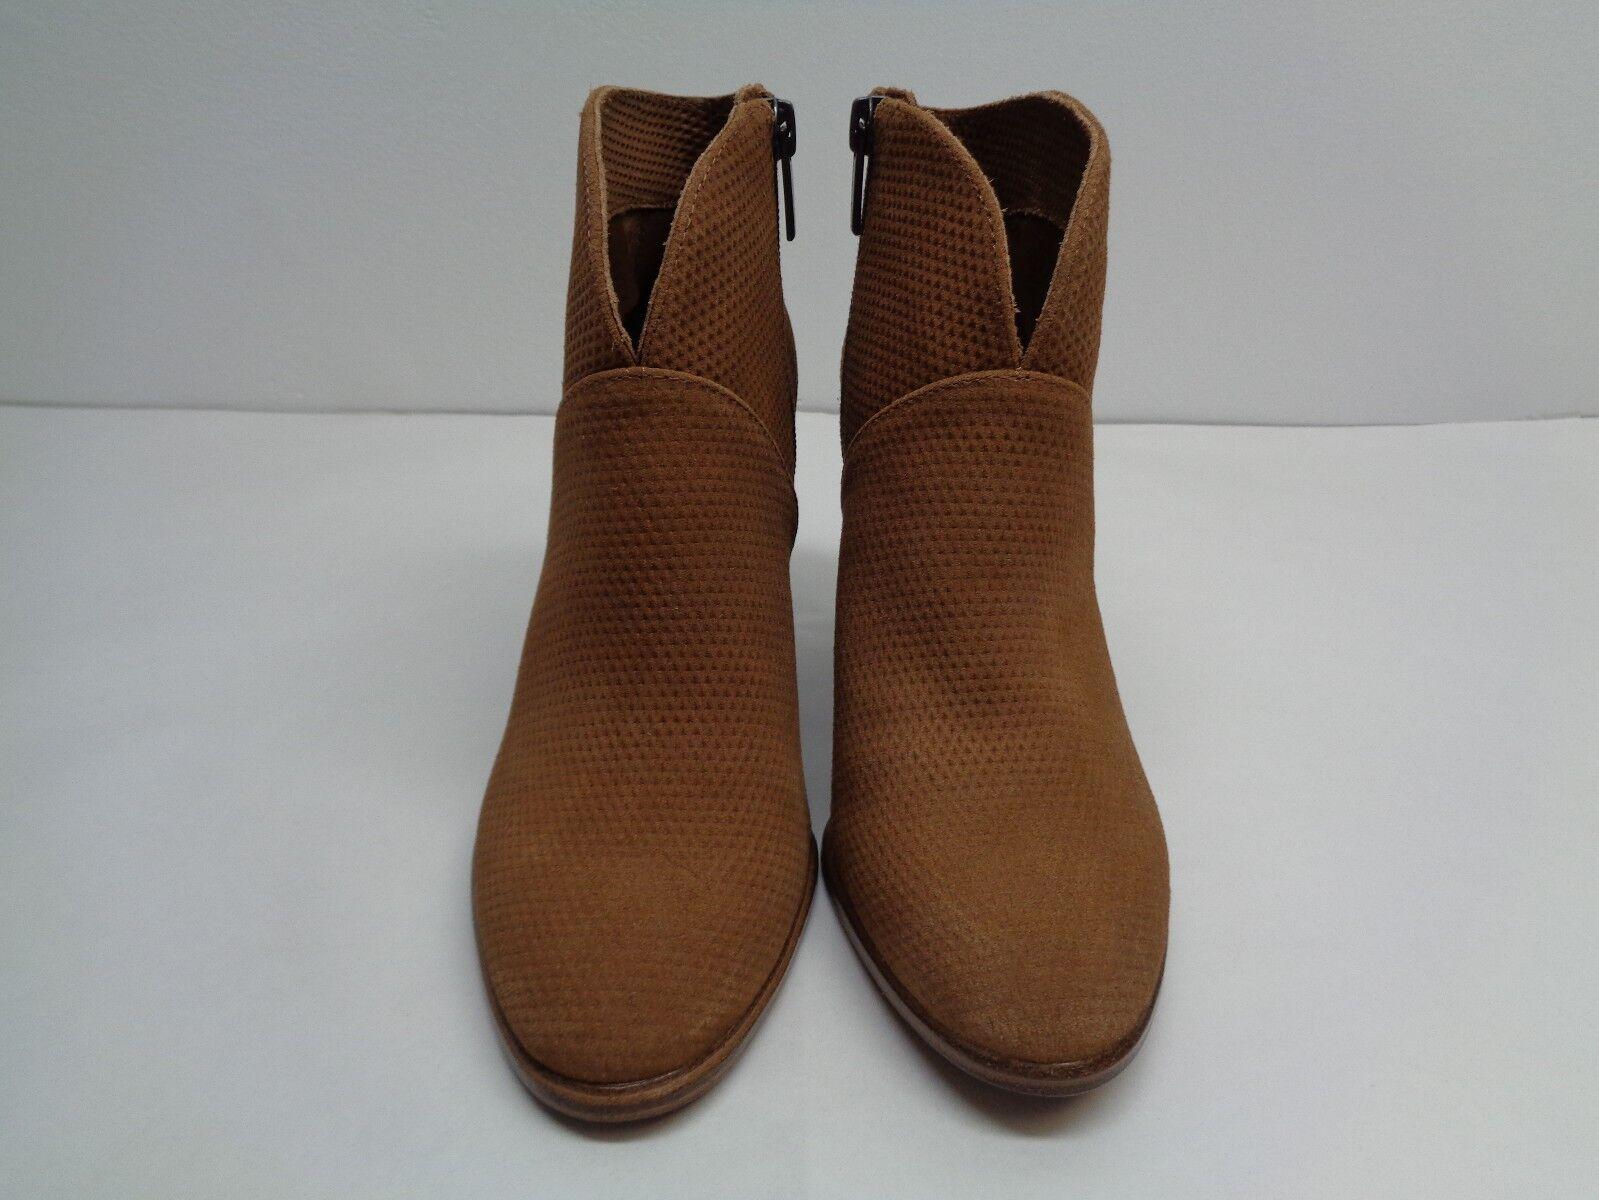 Vince Camuto Größe 9 M FRANELL Braun Suede Leder Ankle Stiefel NEU Damenschuhe Schuhes